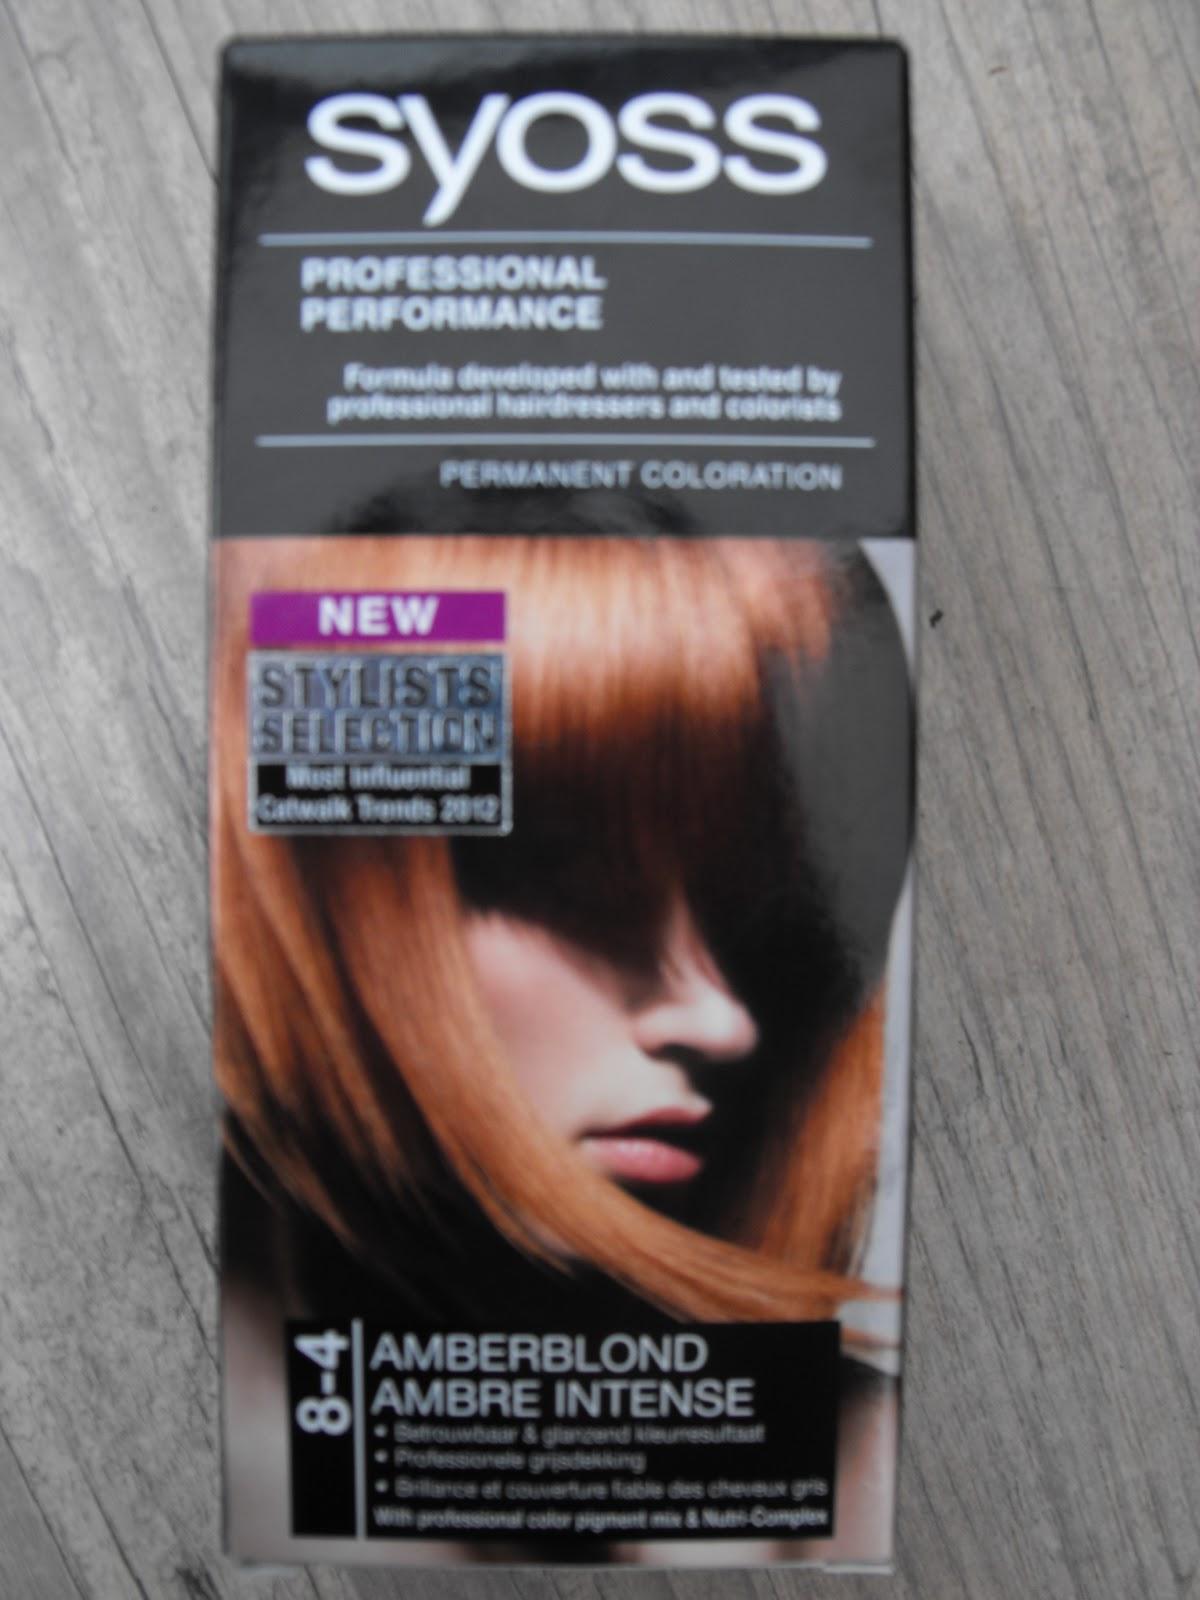 la couleur des cheveux sur la boite est moins rousse - Coloration Maison Rousse